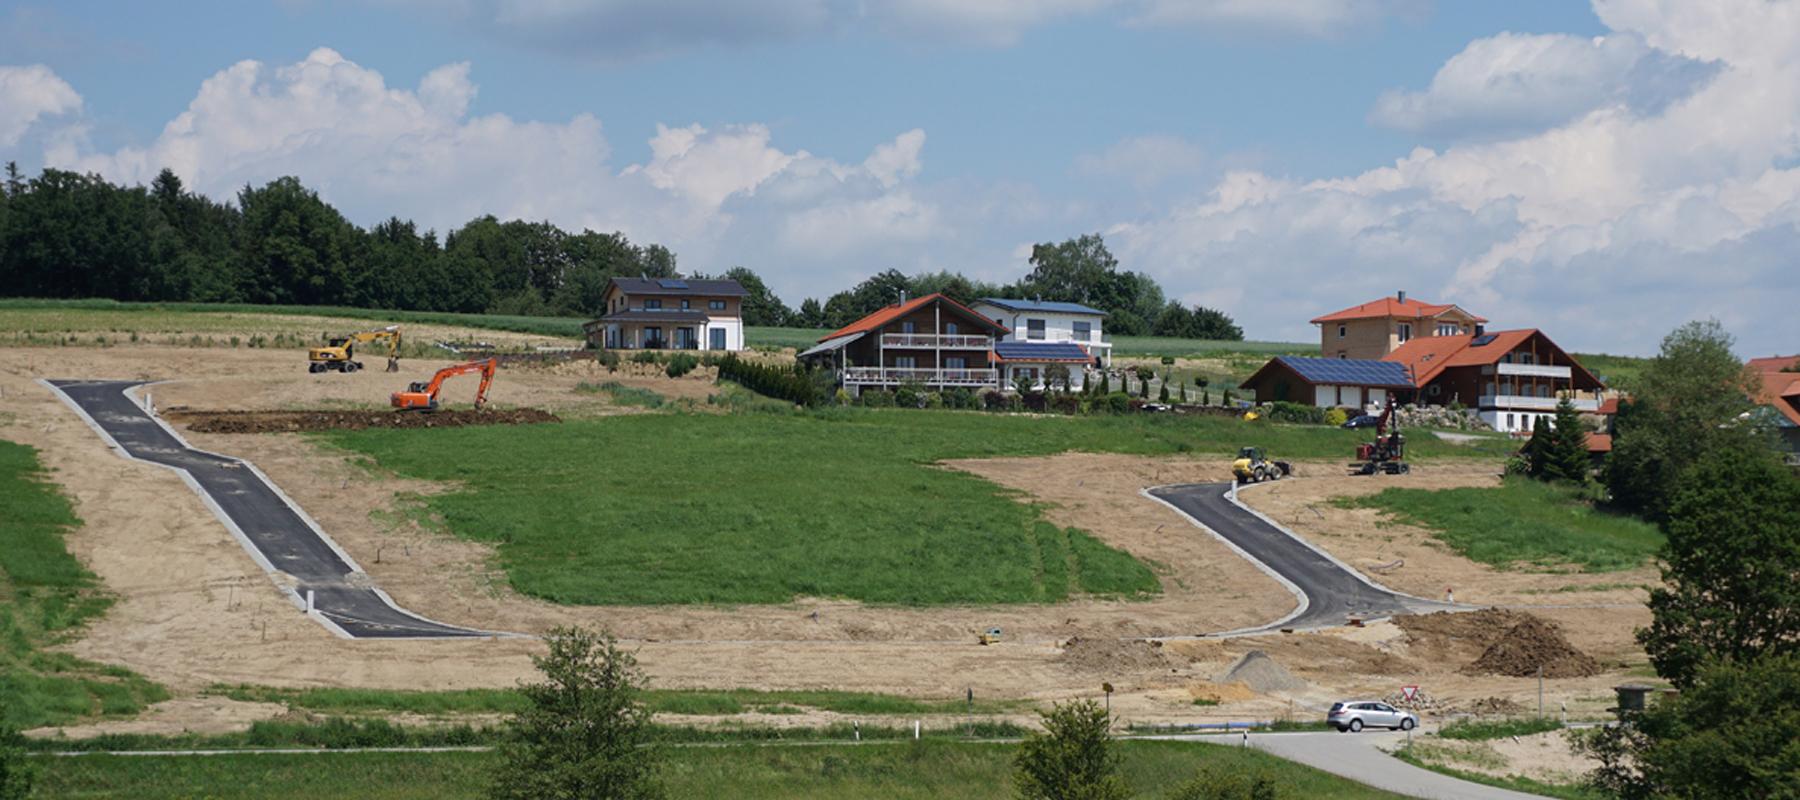 Sonnleitner Ortenburg baugebiet unteriglbach nähe ortenburg sonnleitner de bauen sie